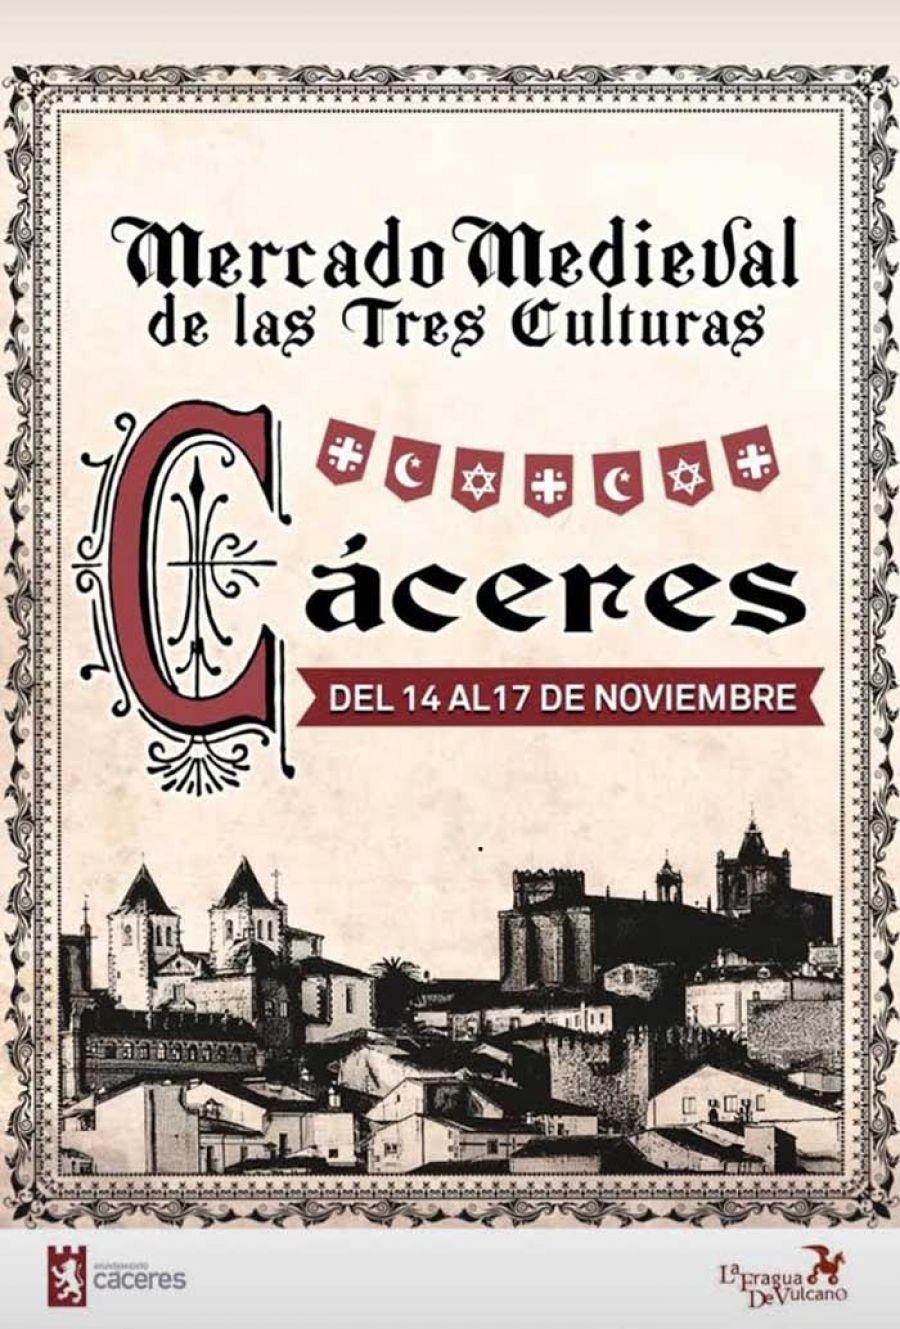 Mercado medieval de las 3 culturas de Cáceres 2019